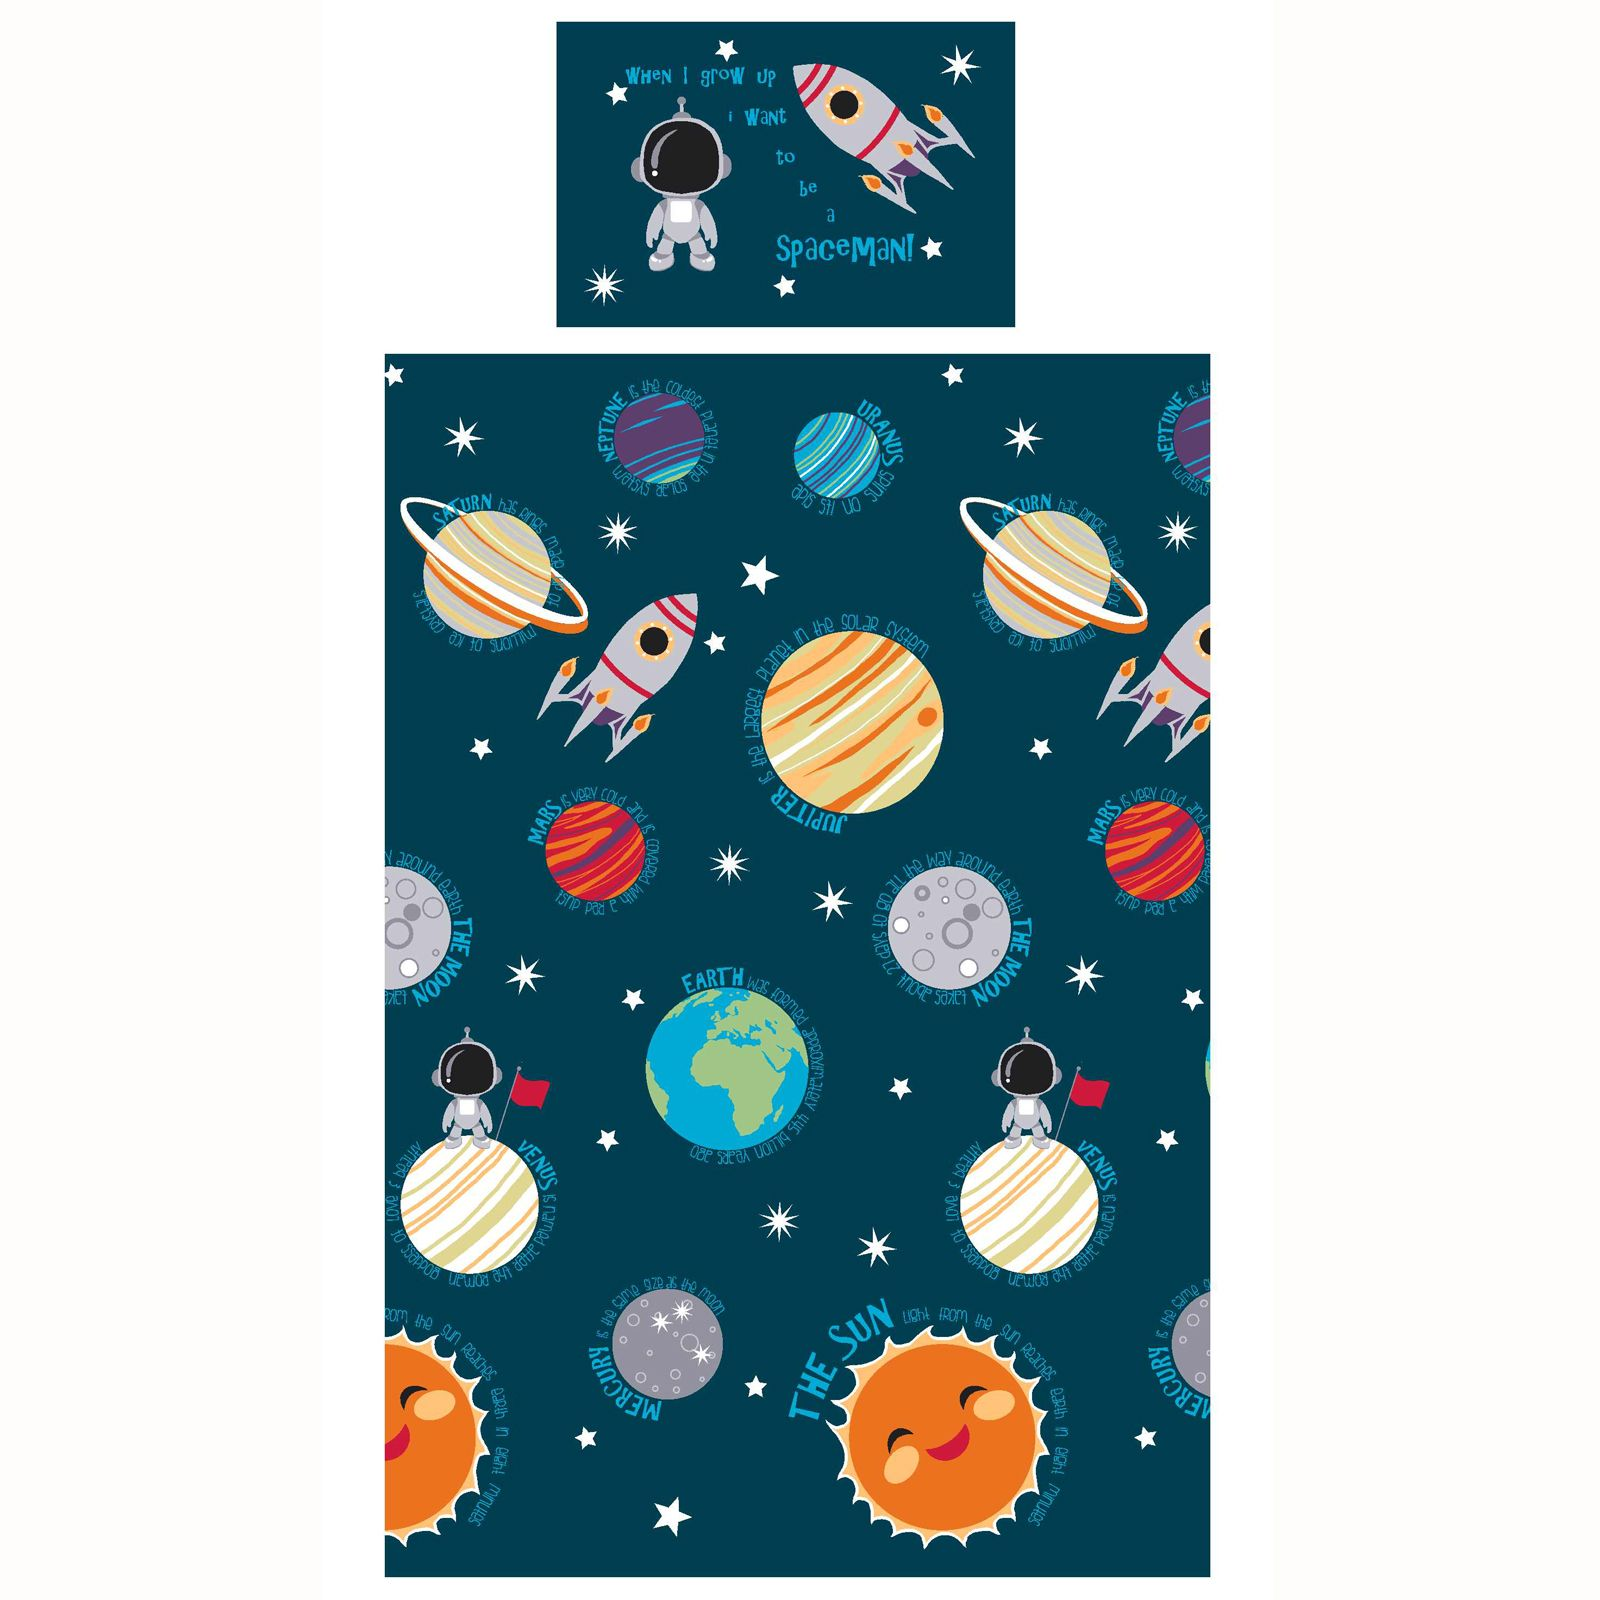 Funda Nordica Espacio.Detalles De Sistema Solar Conjunto De Funda Nordica Individual Nino Nuevo Hombre Espacio